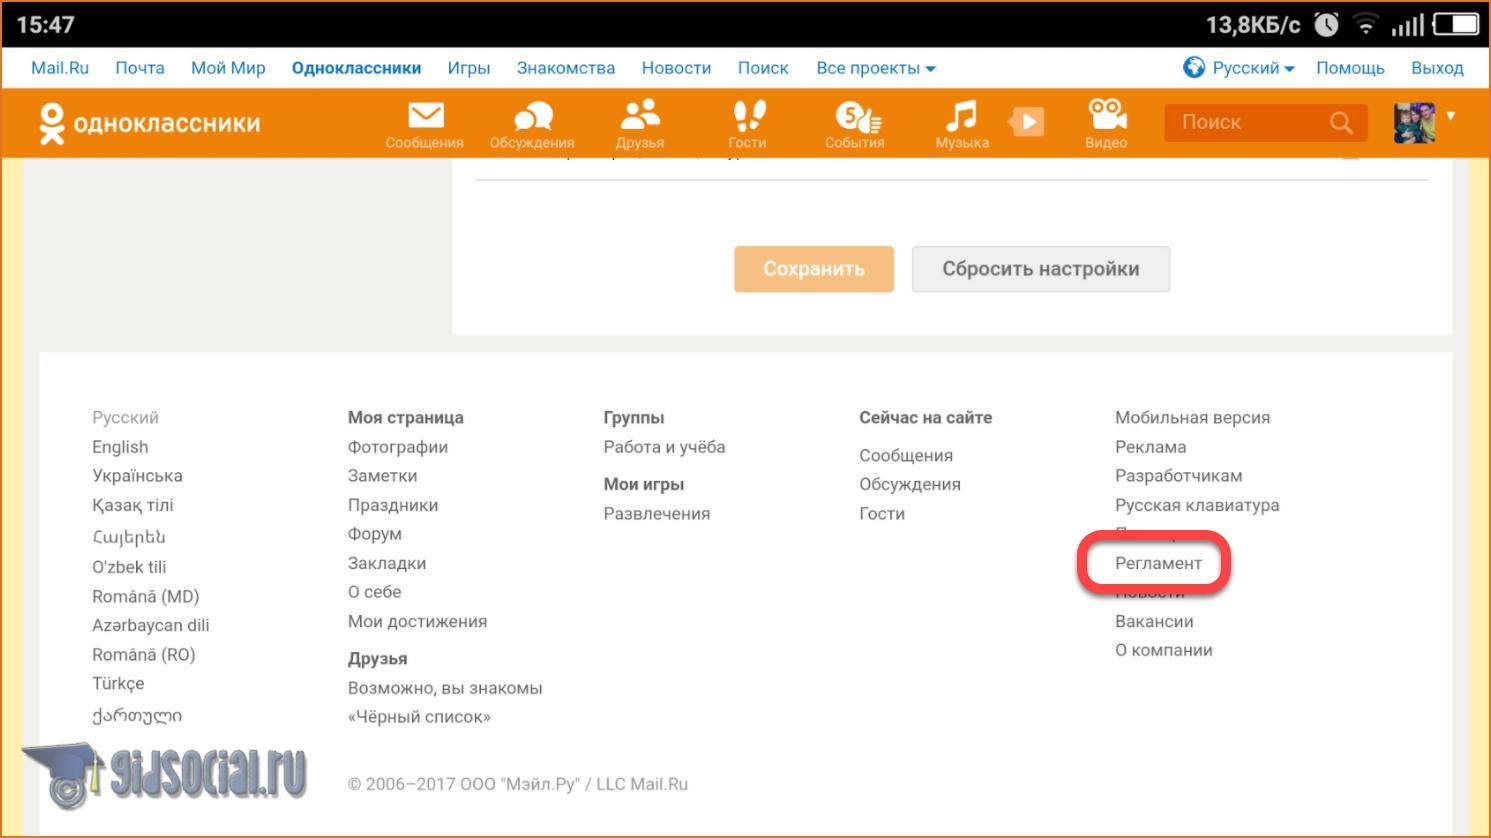 Регламент сайта